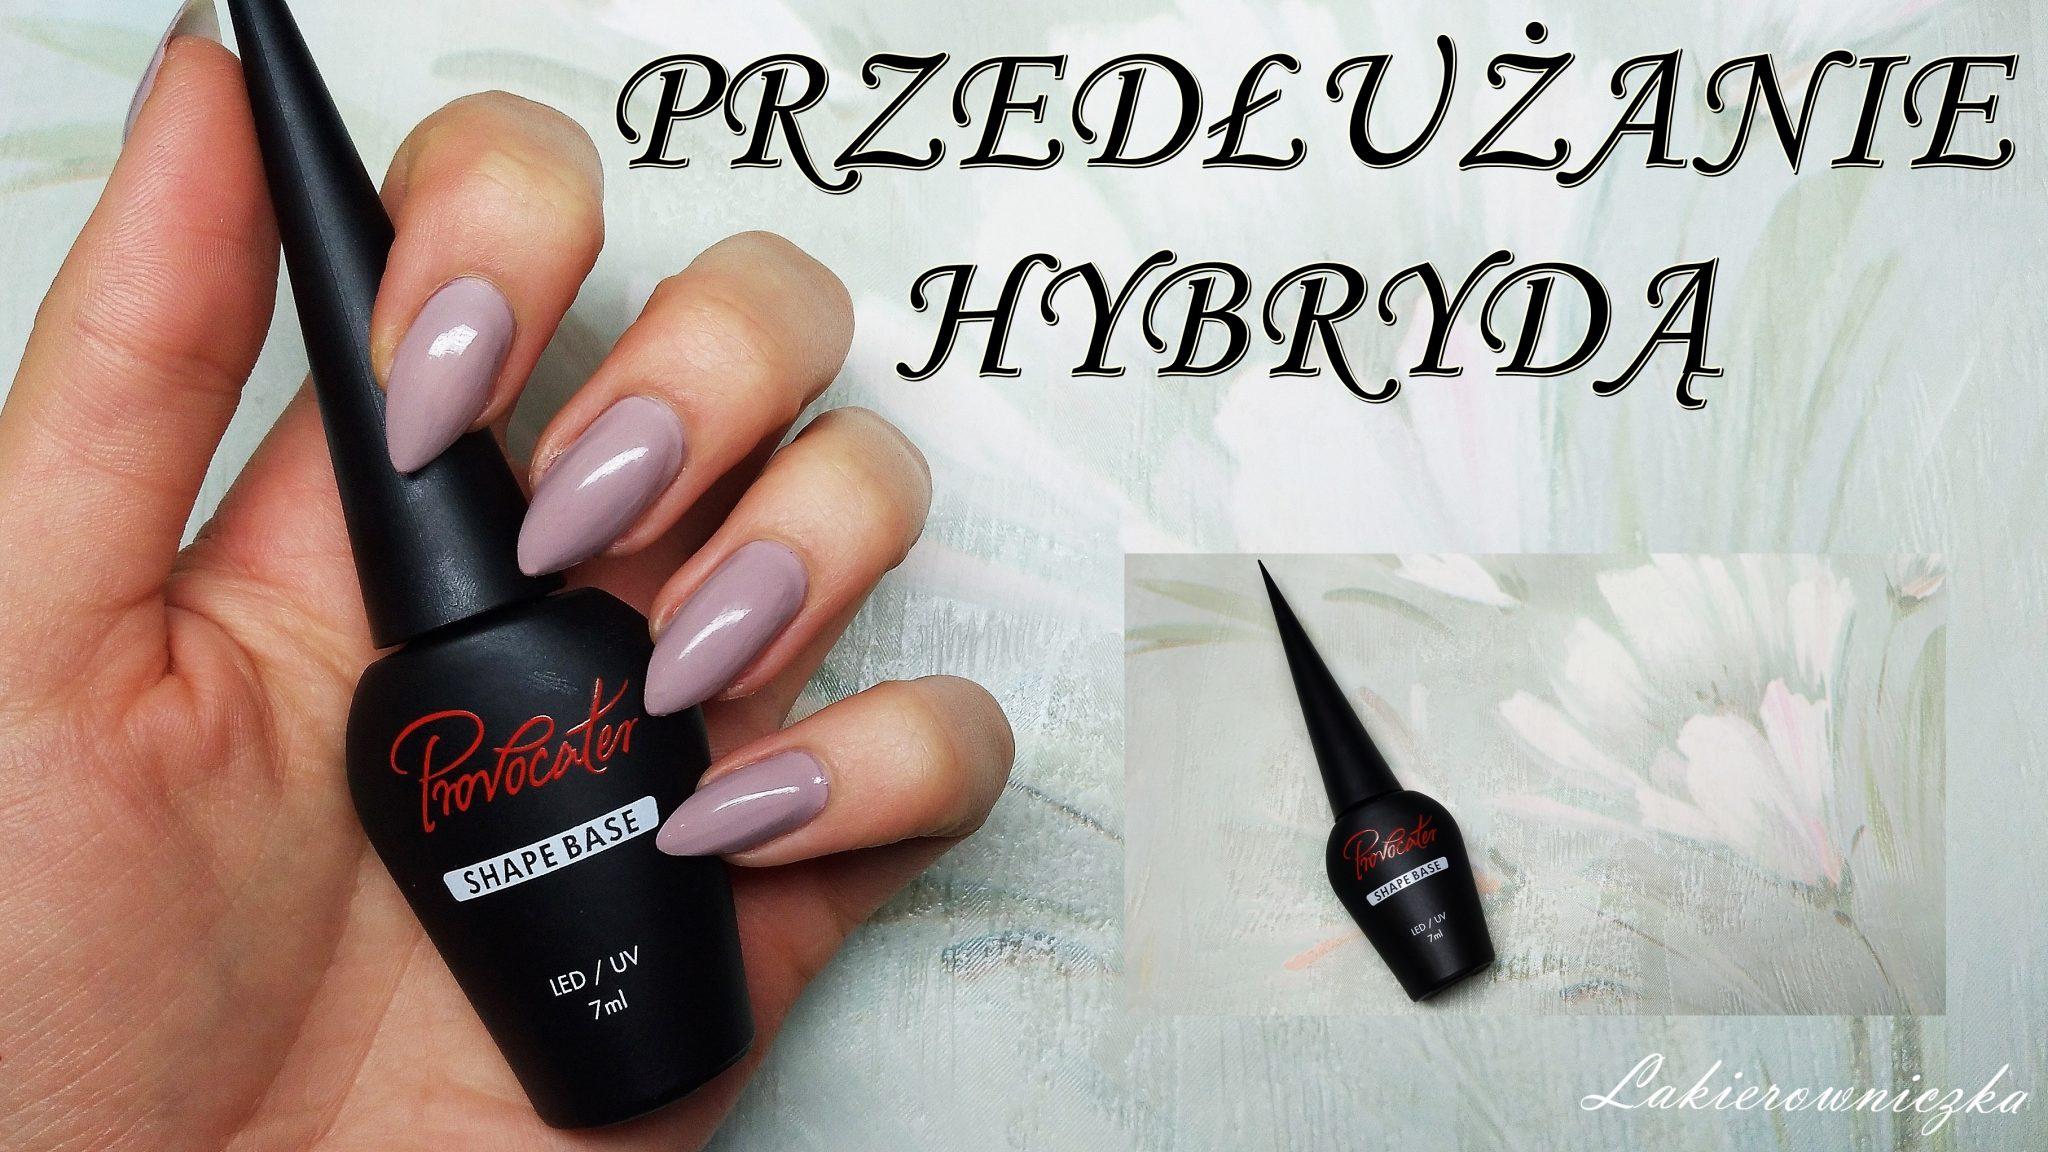 Shape-base-przedluzanie-hybryda-paznokci-budujaca-provocater-lakierowniczka-dlugie-paznokcie-hybrydowe-przedluzane-Shape base- przedłużanie hybrydą